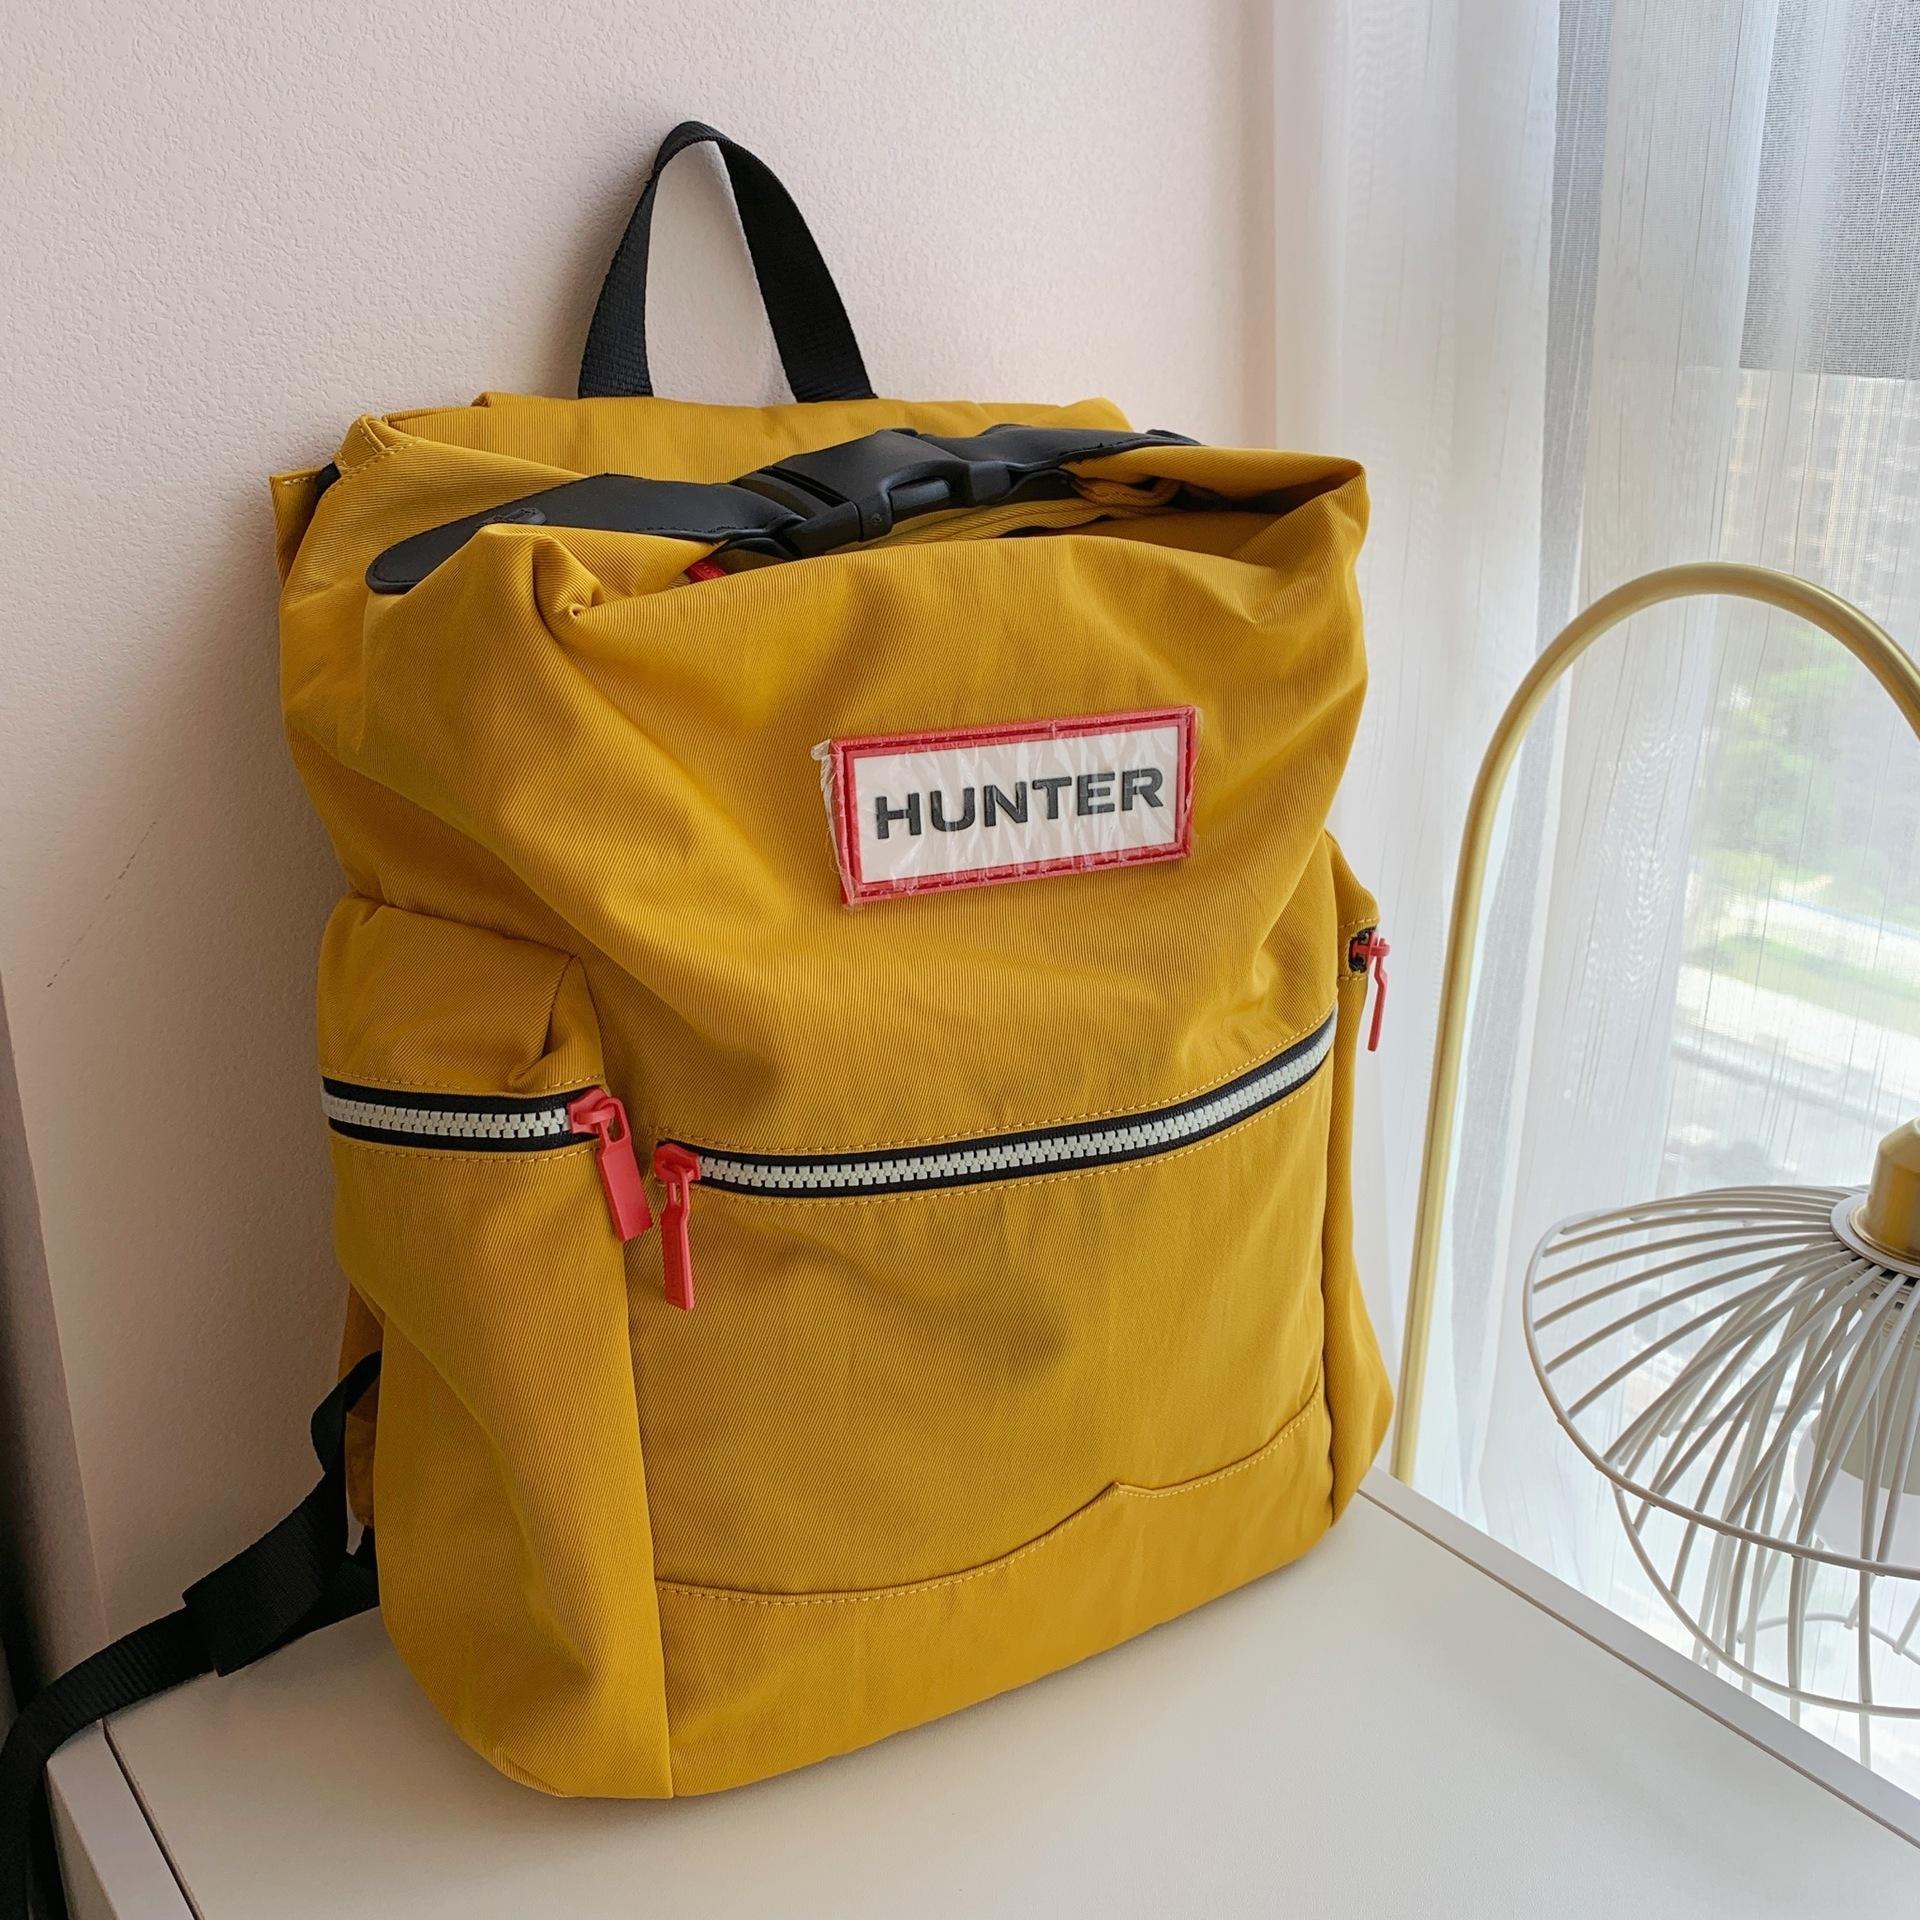 Emh2X Hunter Büyük bir sırt çantası erkek ve kadınların gündelik Bilgisayar backpackleisure torba backpackrain geçirmez hafif toptrendy sırt çantası bilgisayar